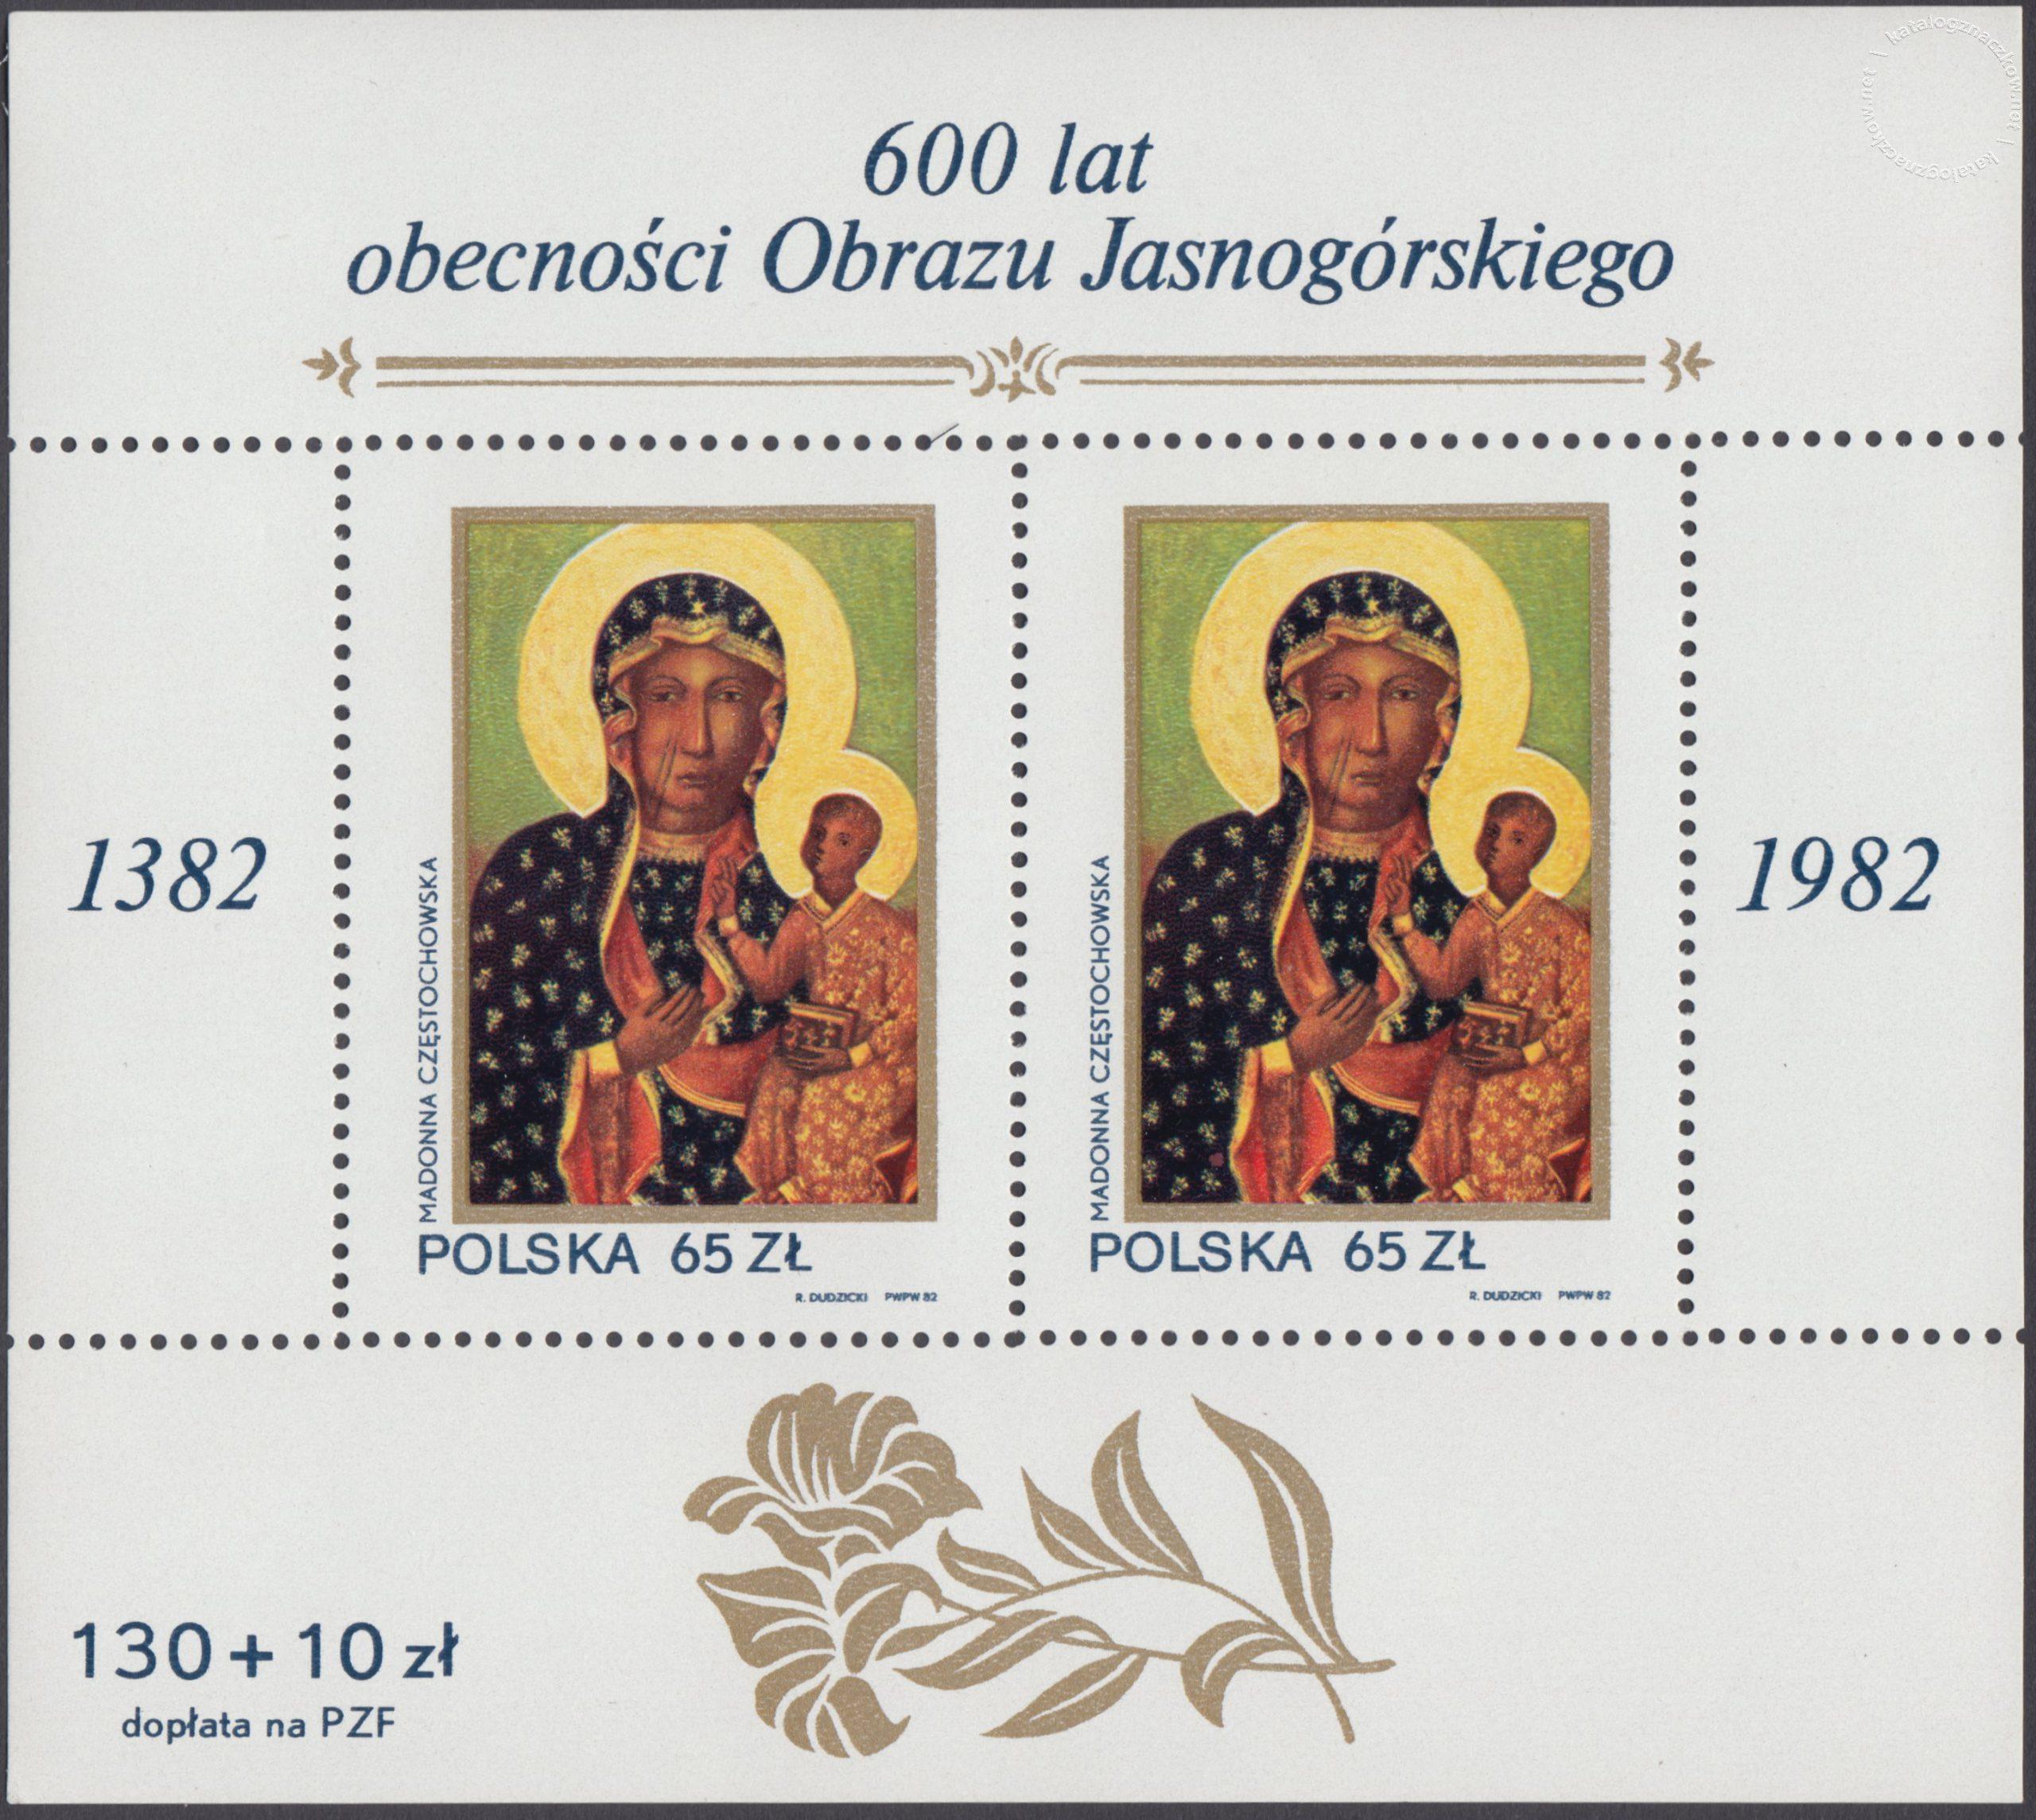 600 lat obecności Obrazu Jasnogórskiego w klasztorze O.O. Paulinów w Częstochowie – Blok 75